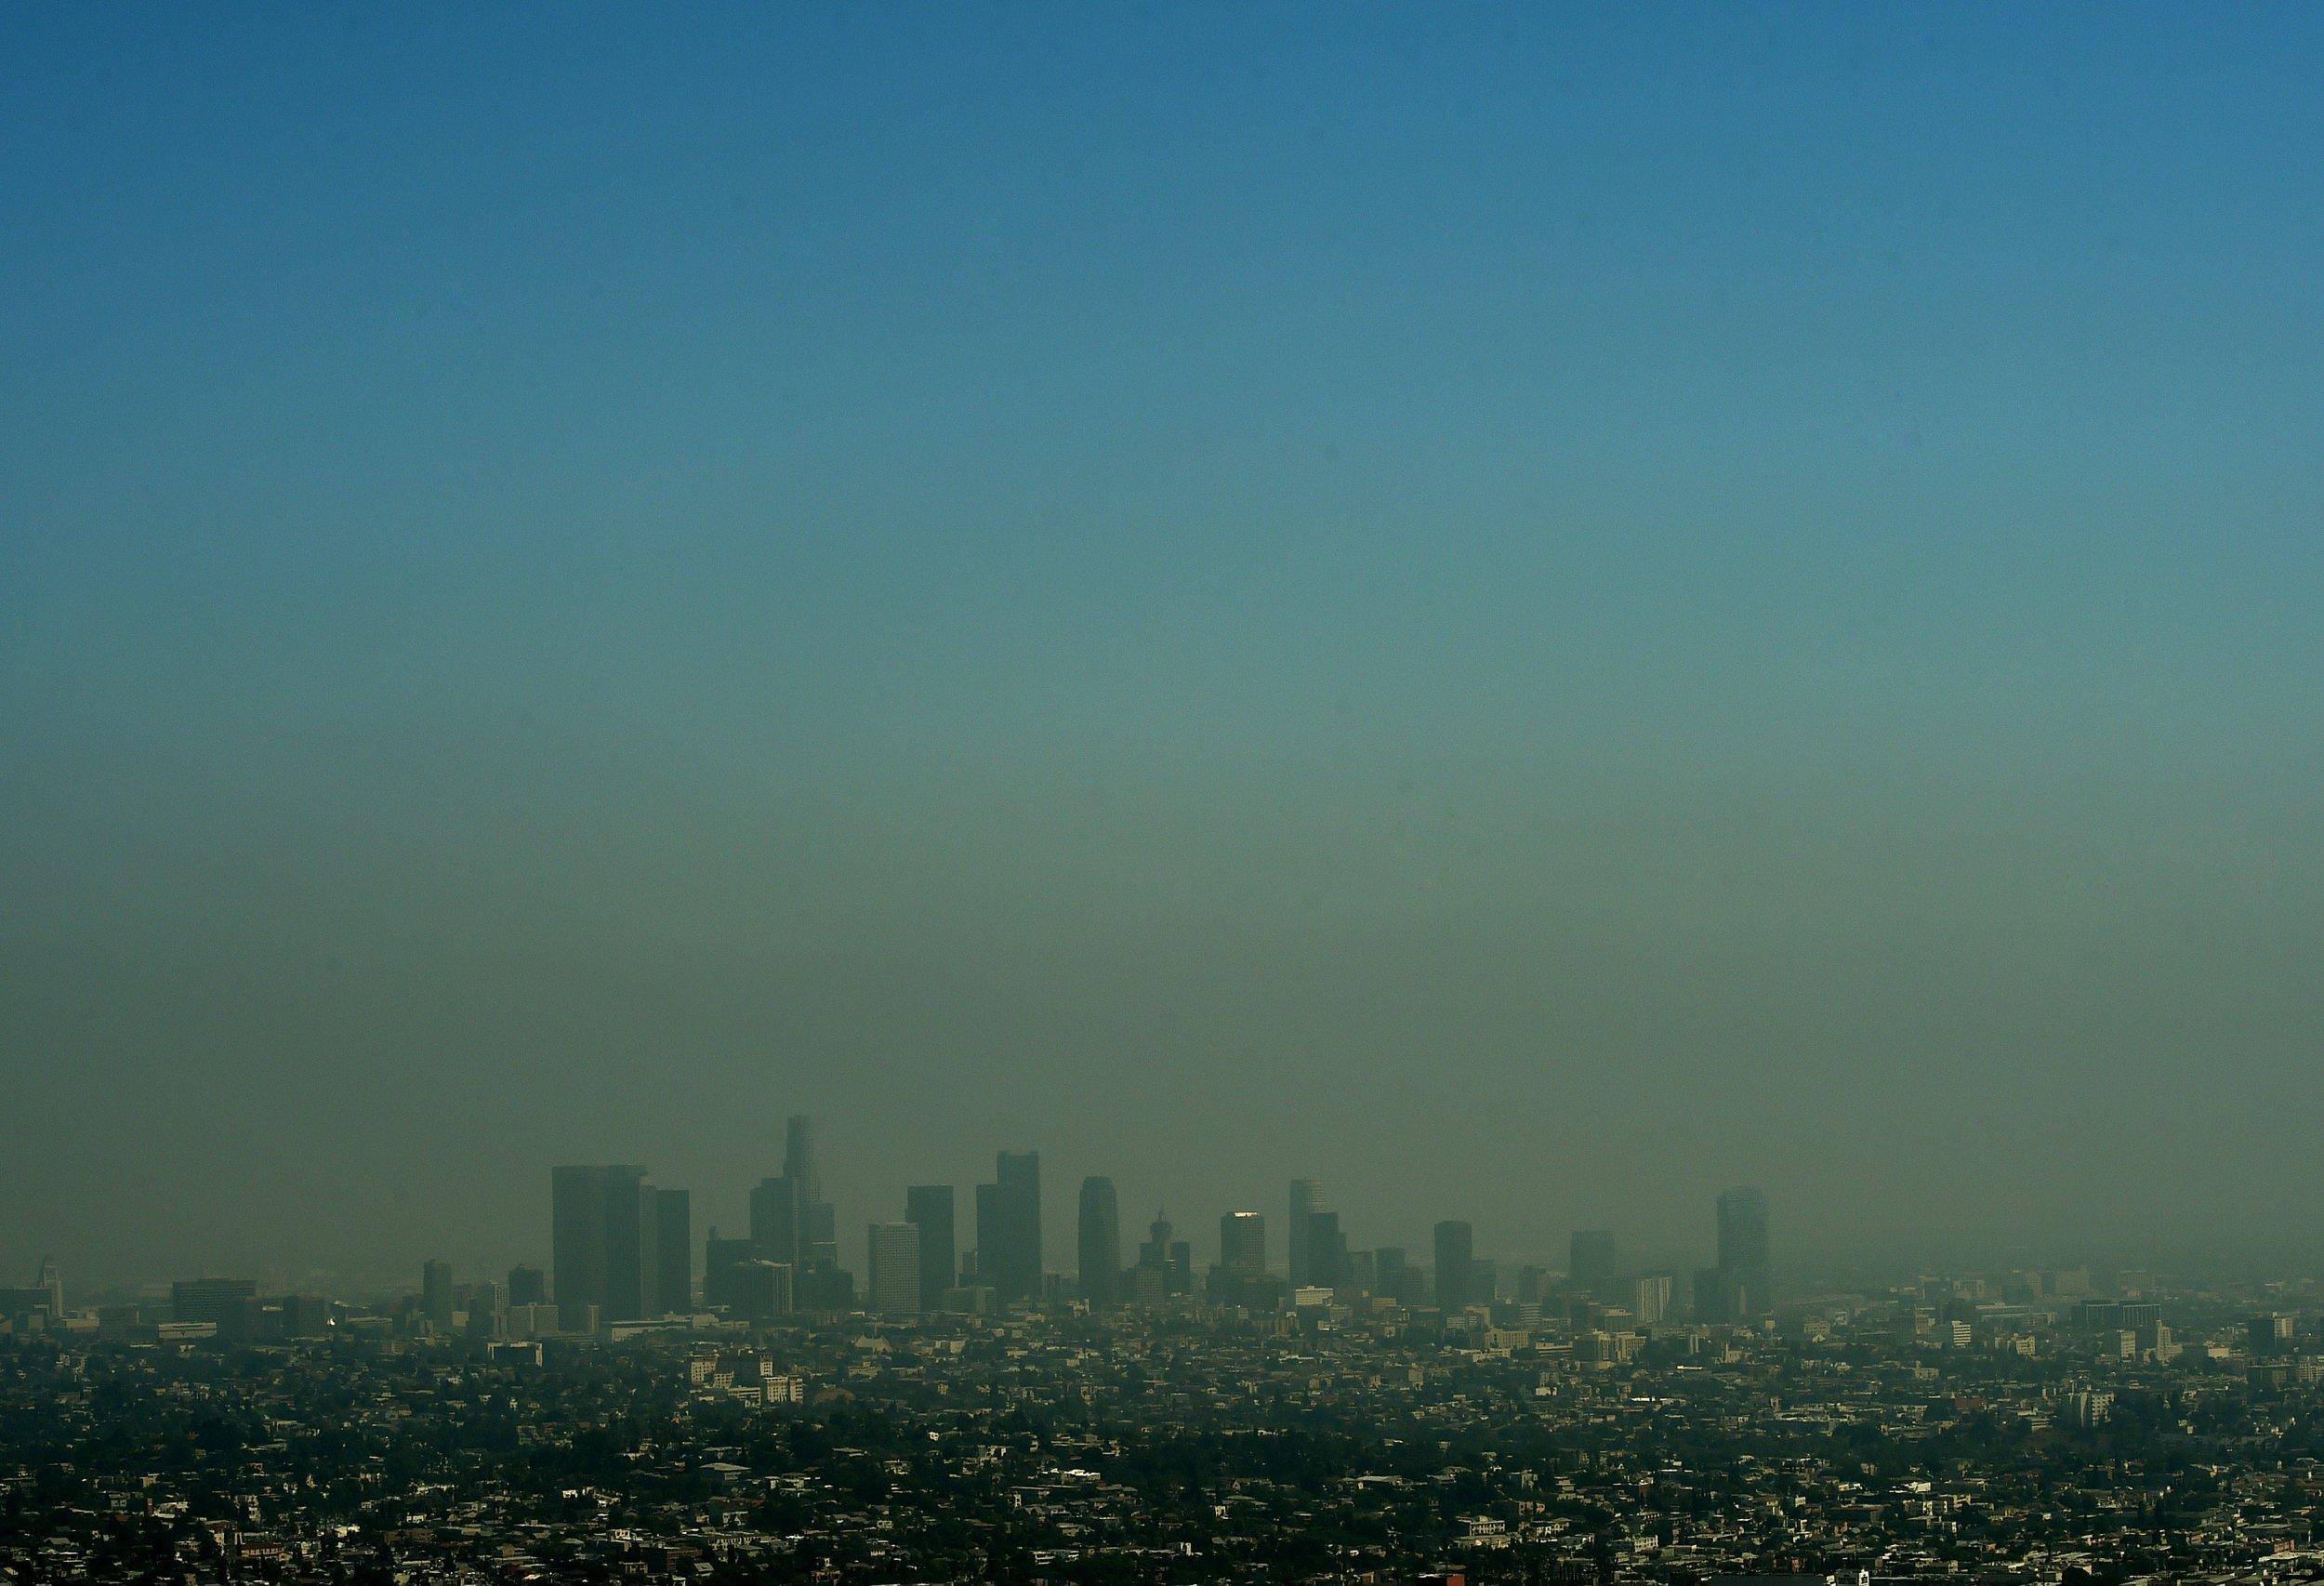 04_25_Smog_LA_01